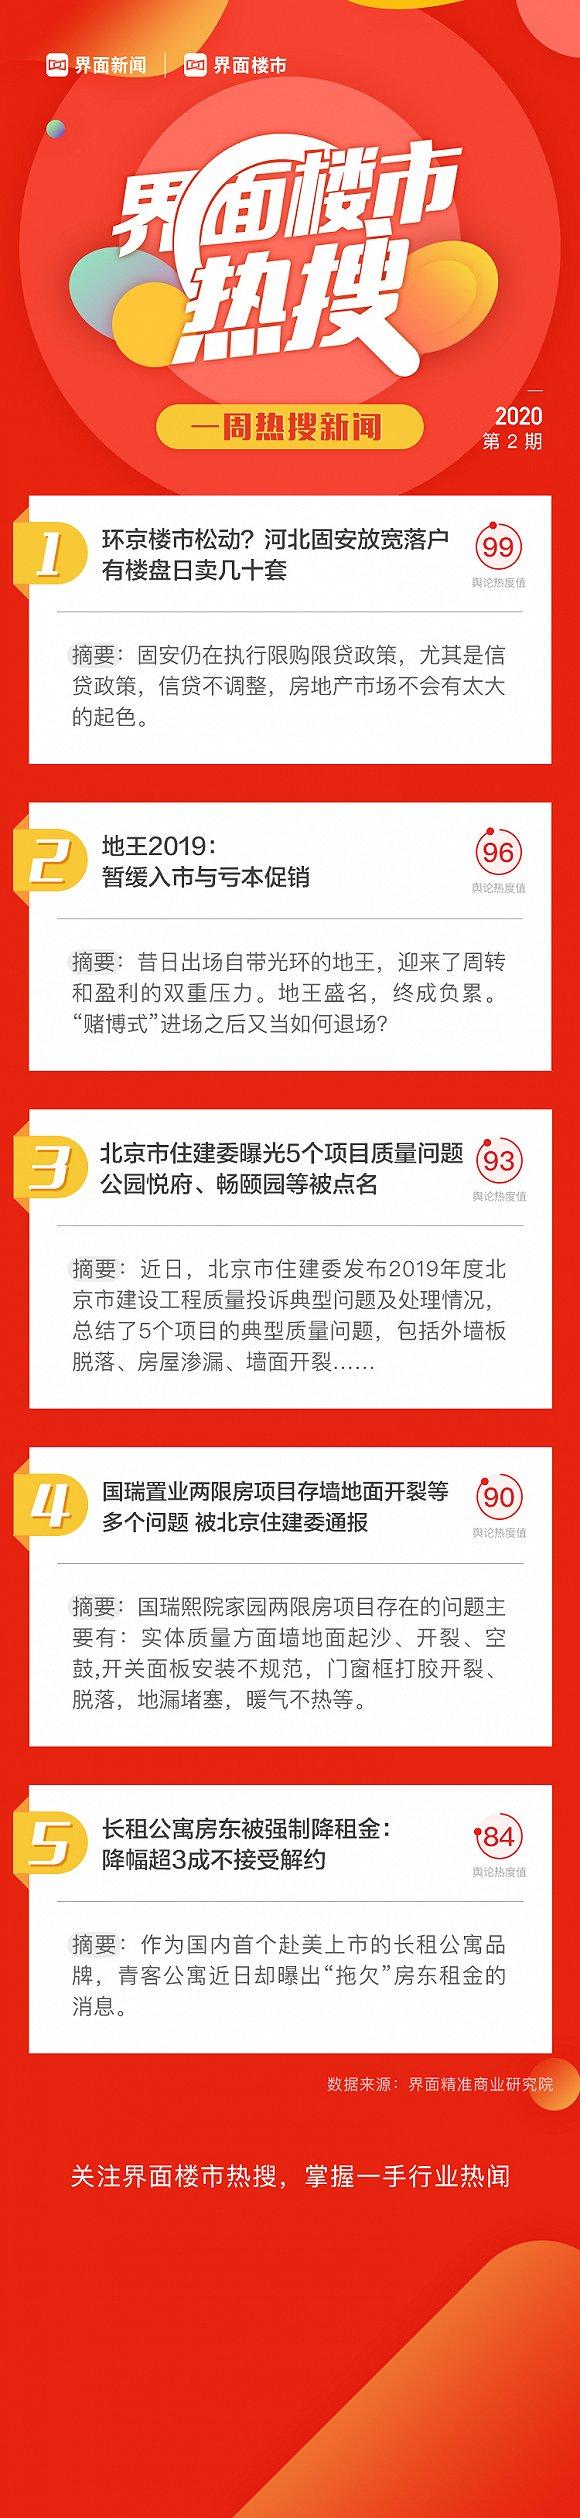 界面楼市一周新闻热搜:又有两项目因质量问题被北京住建委通报